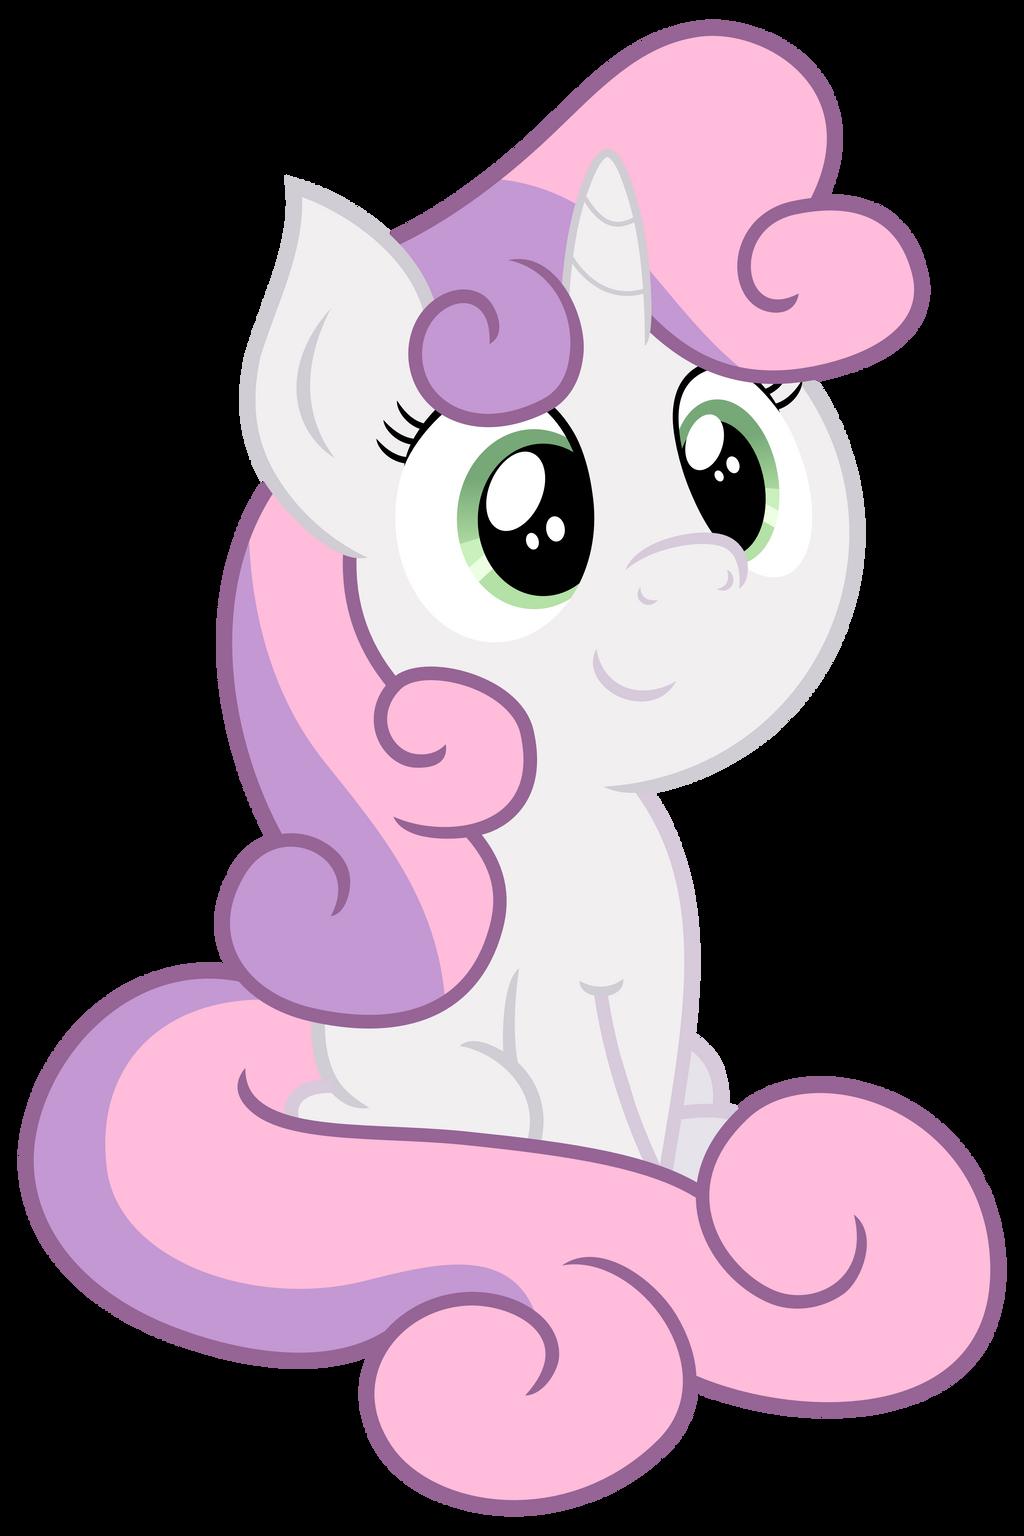 (Bobdude0) Sweetie Belle by Pikamander2